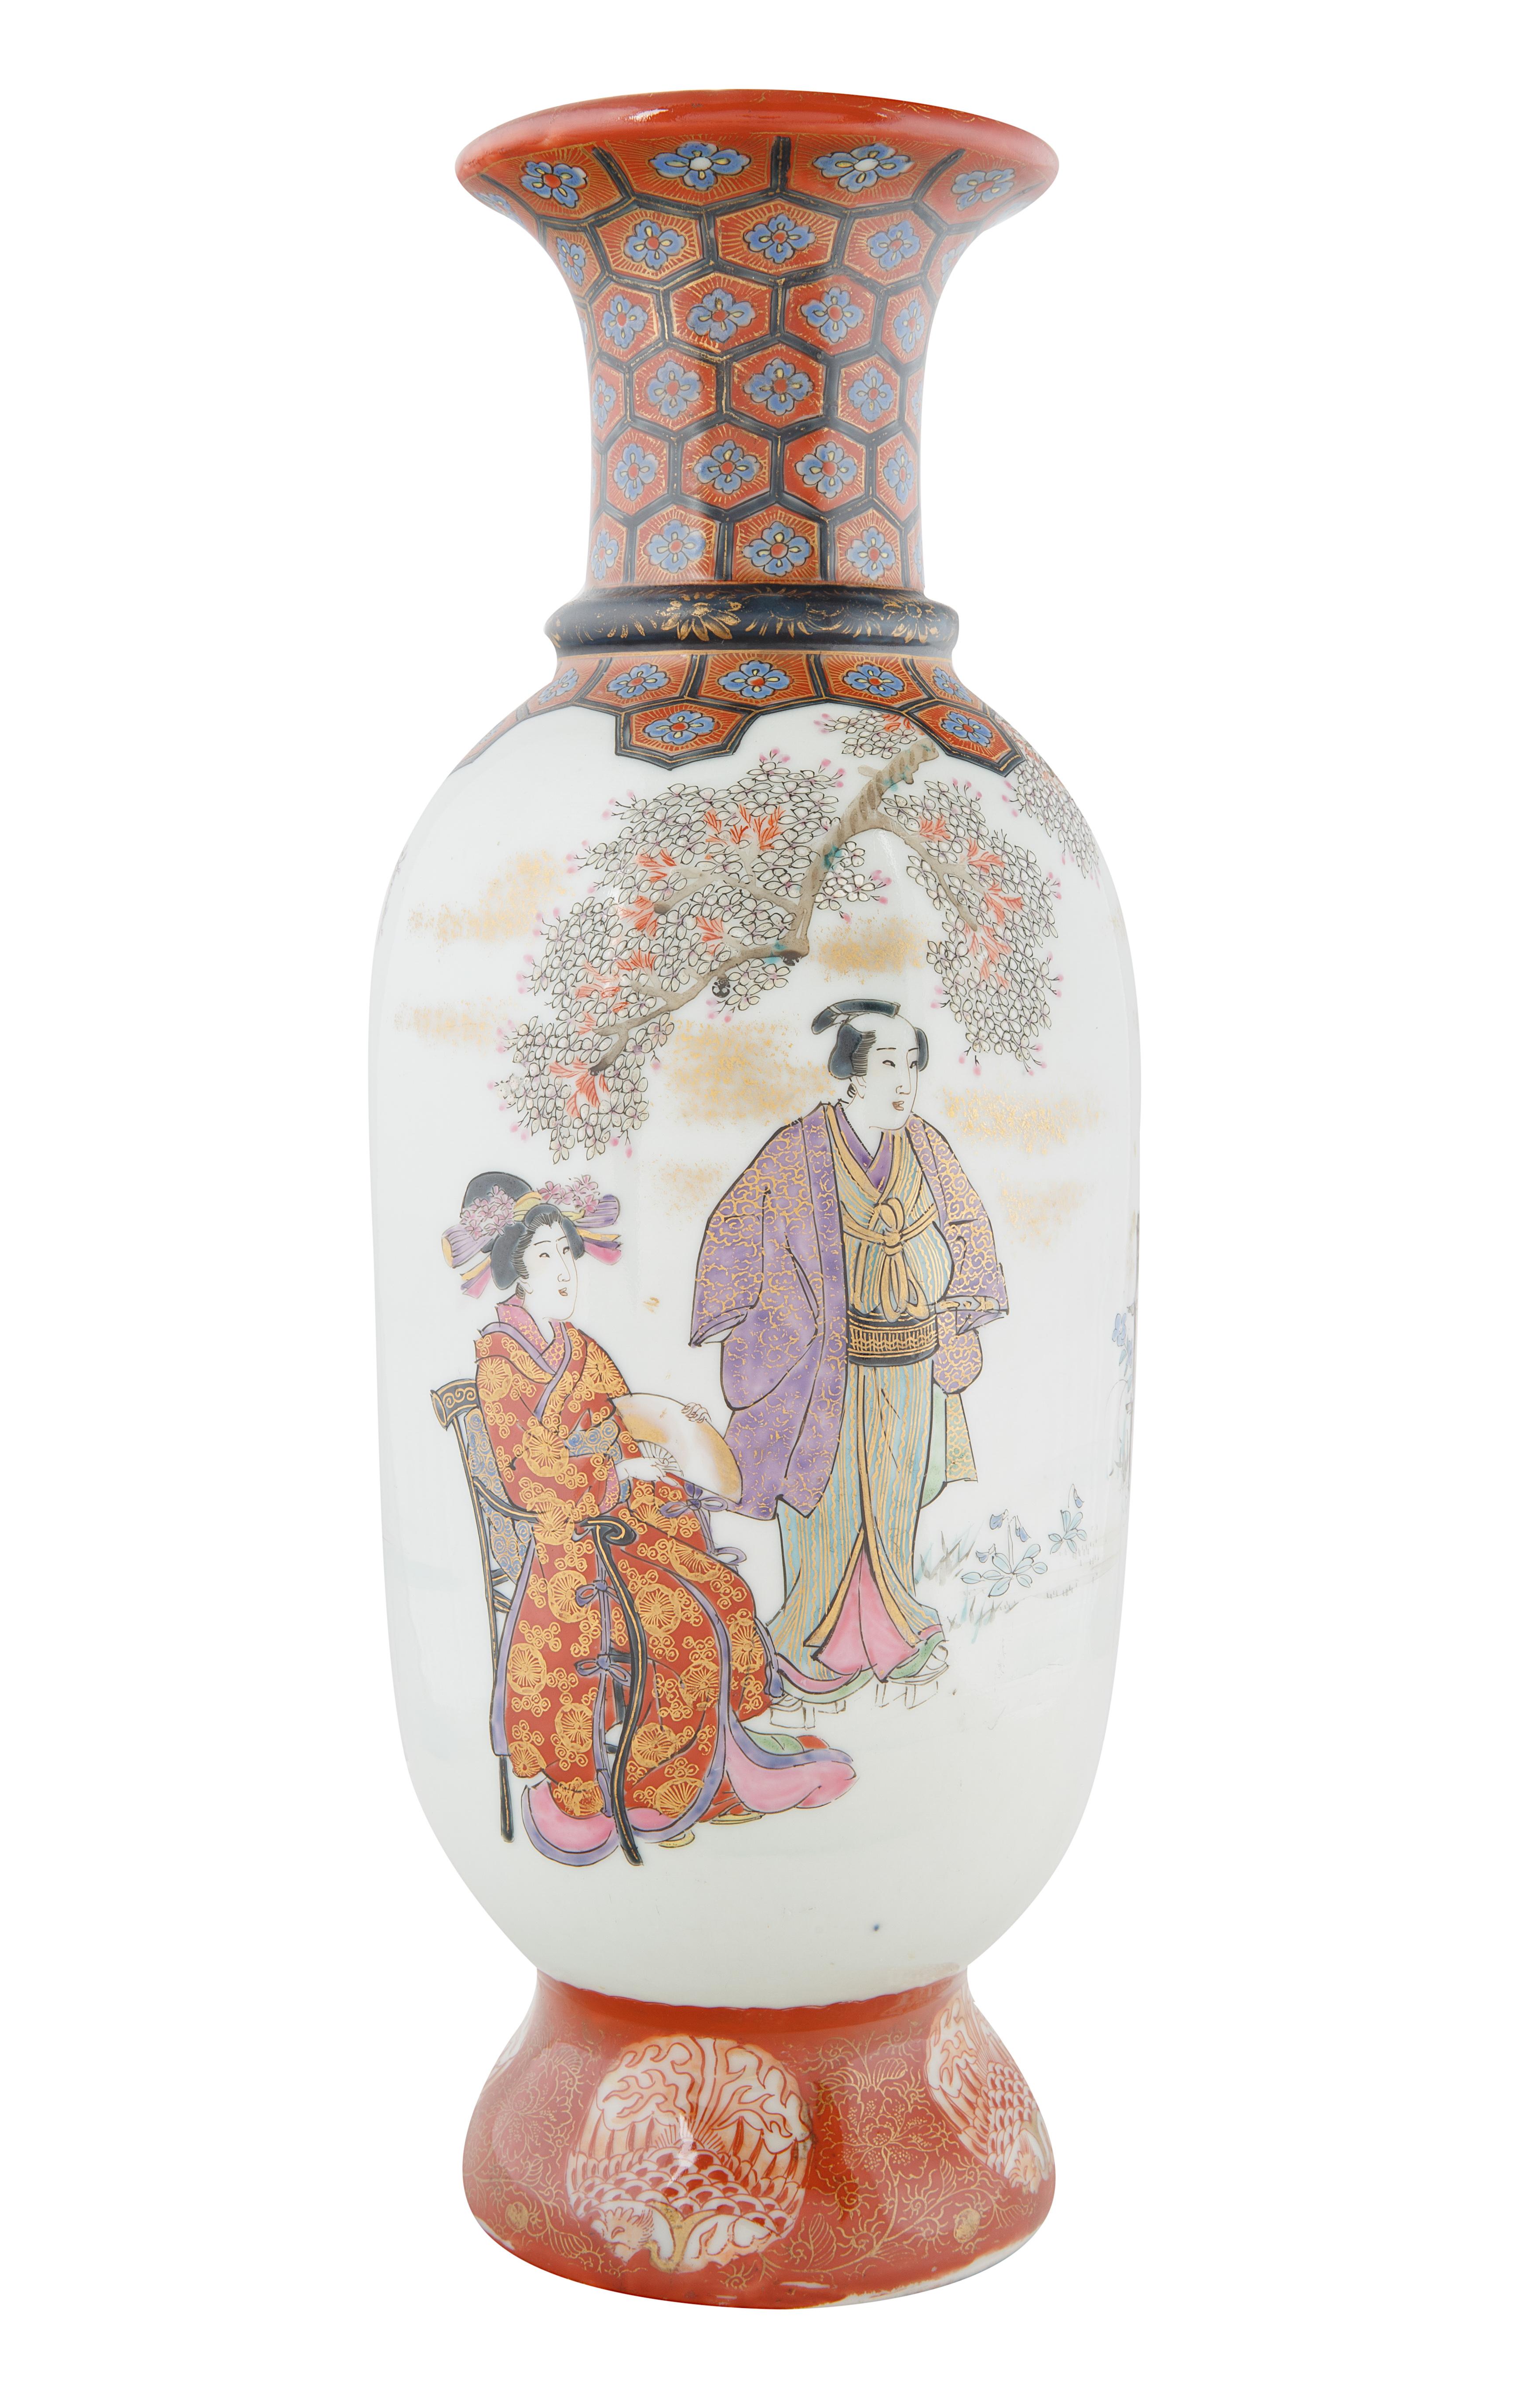 EARLY 20TH CENTURY JAPANESE KUTANI BALUSTER VASE - Image 3 of 5